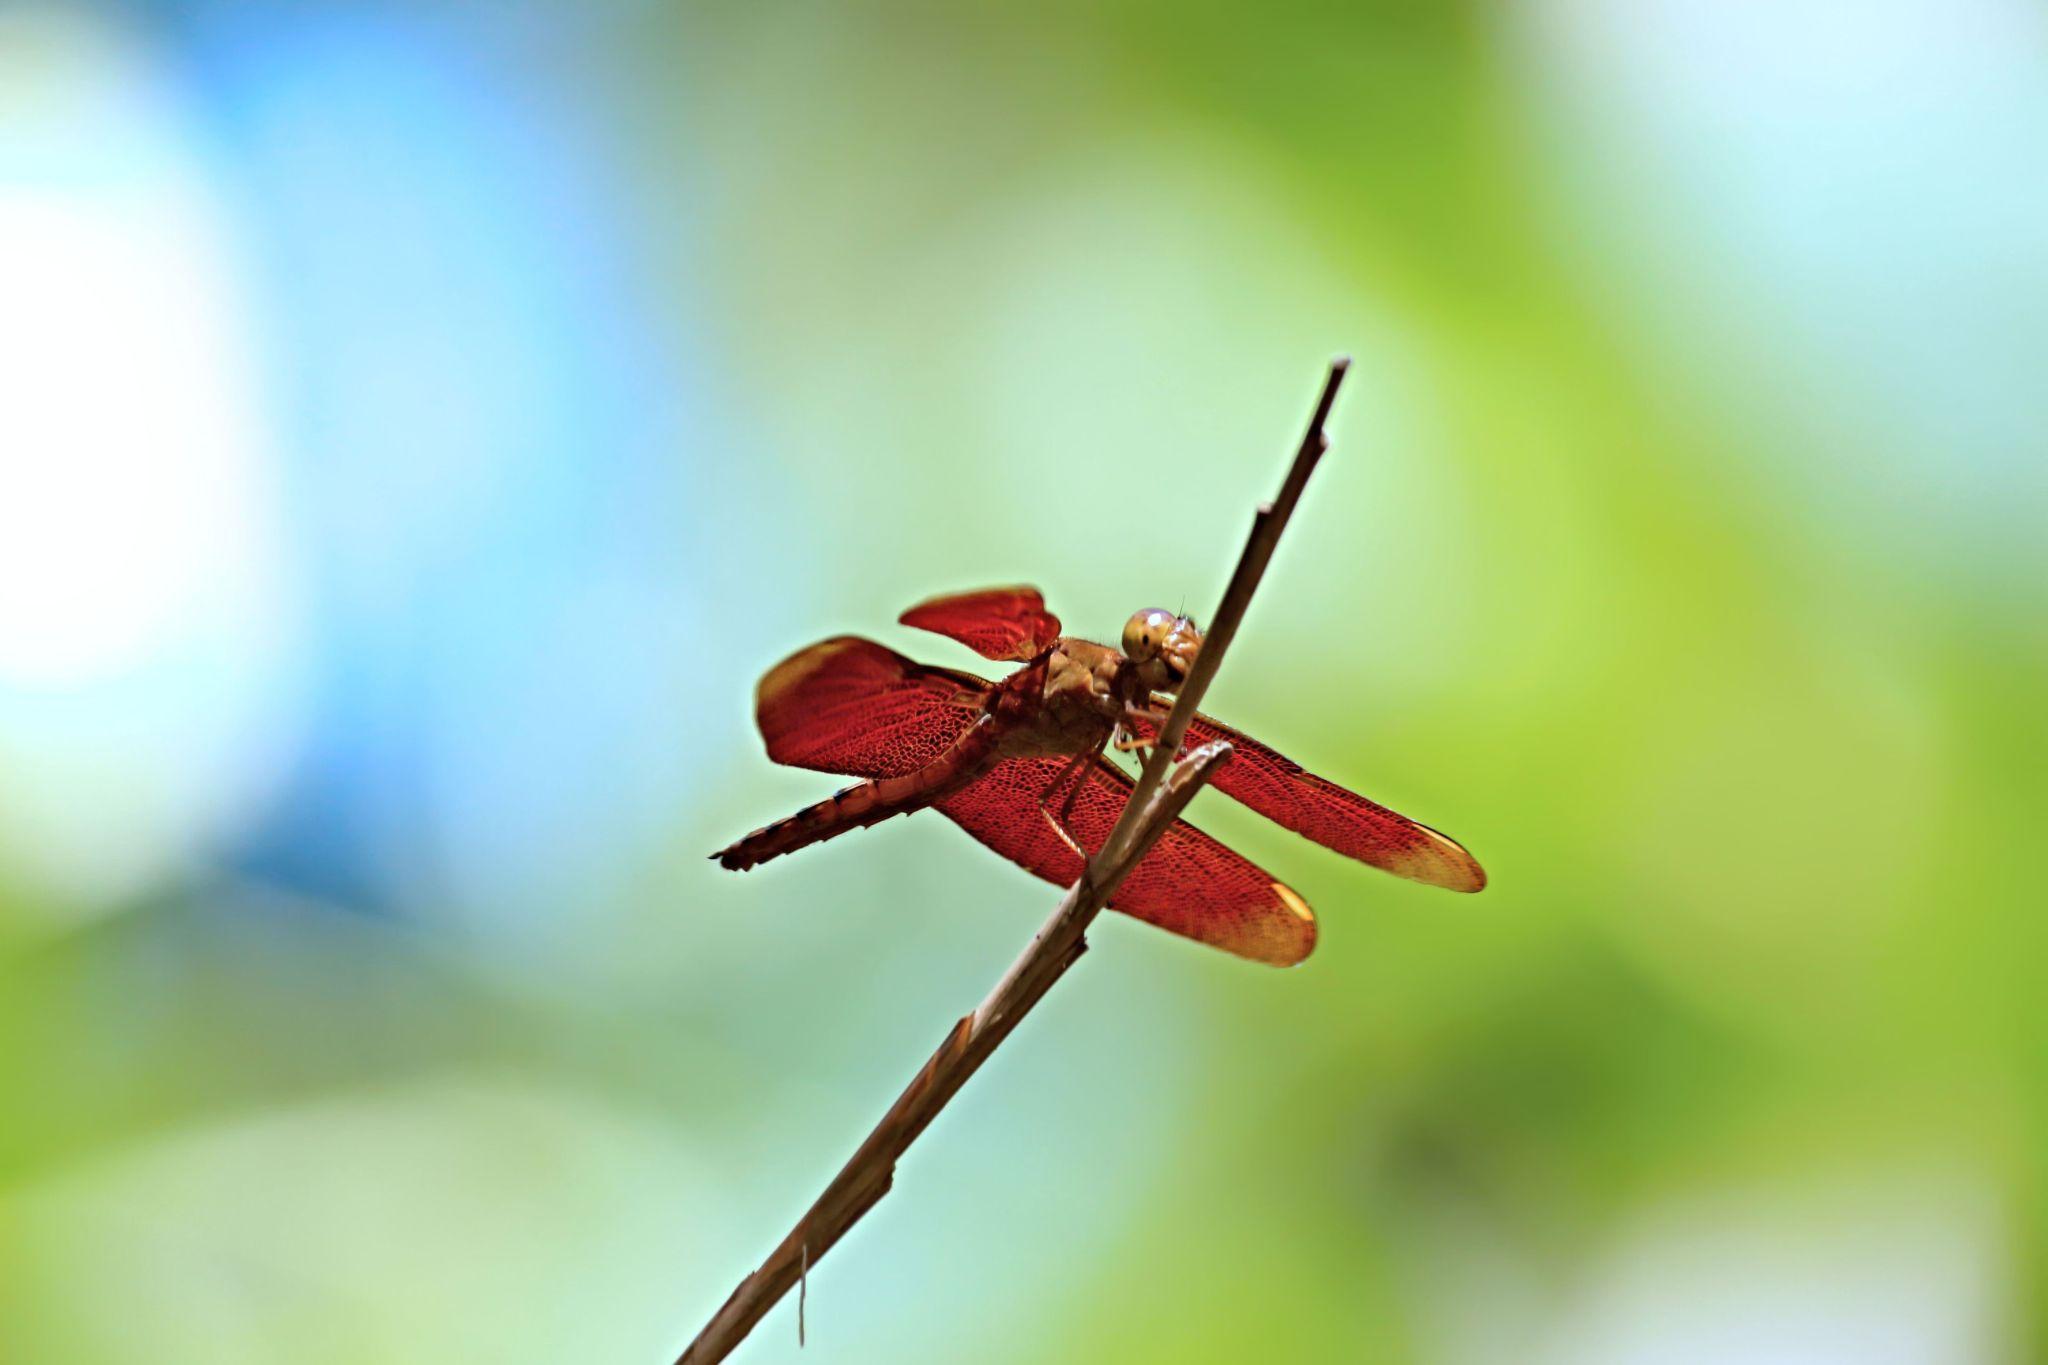 Dragonfly by Daniel Chowdhury